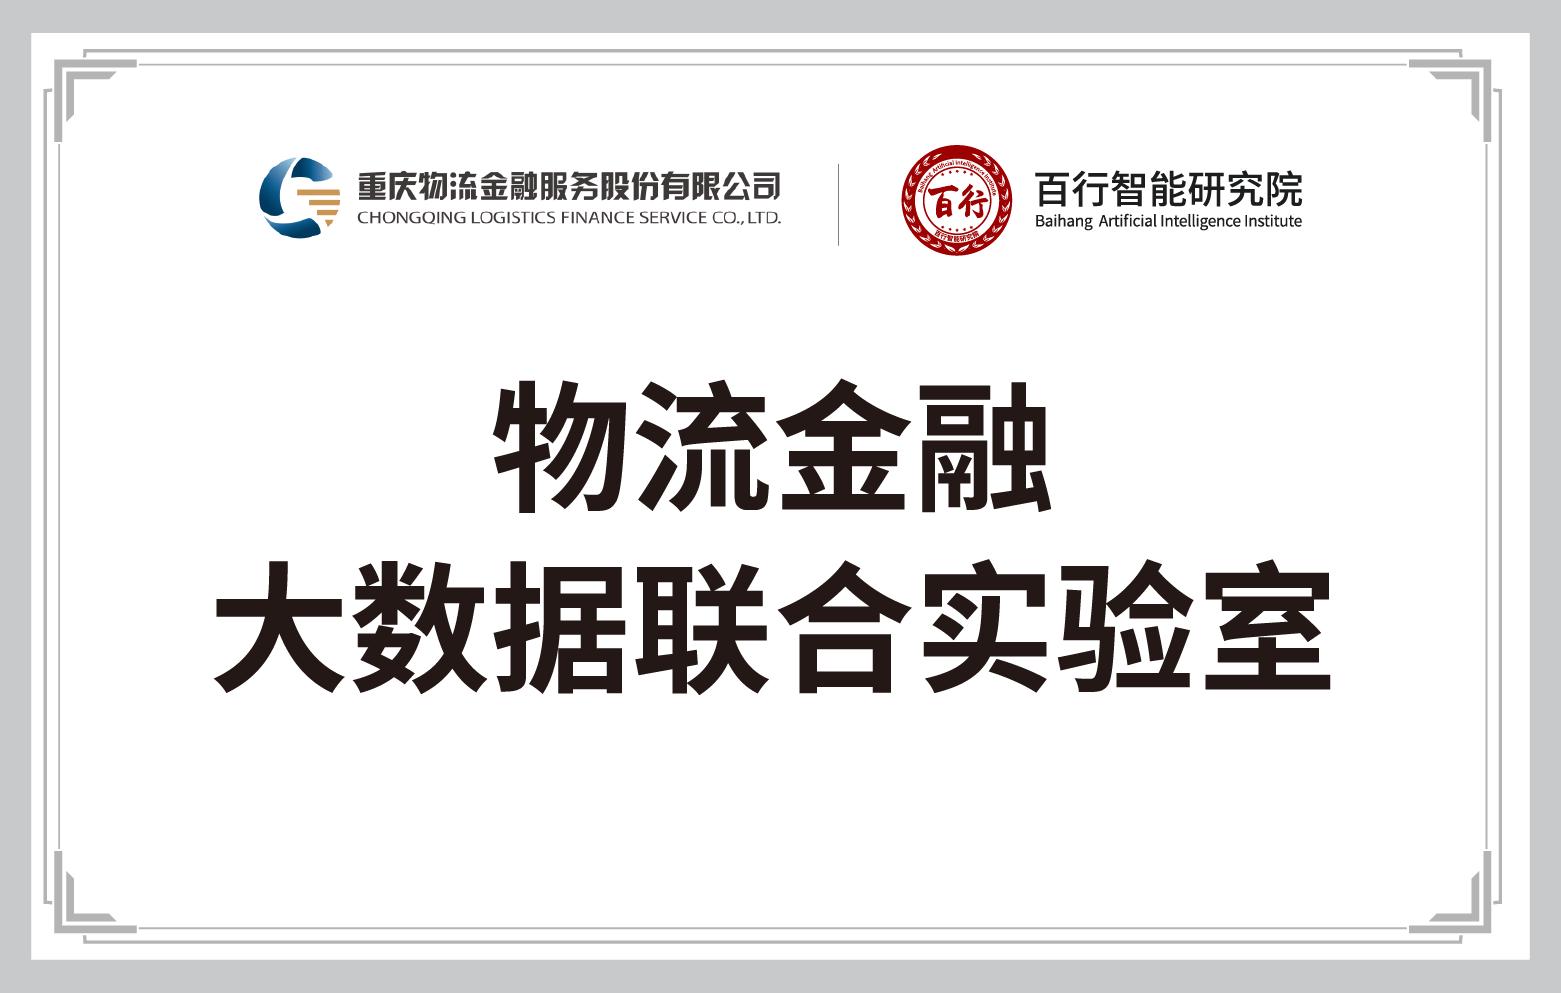 重庆物流金融服务股份有限公司-百行智能研究院-物流金融大数据联合实验室